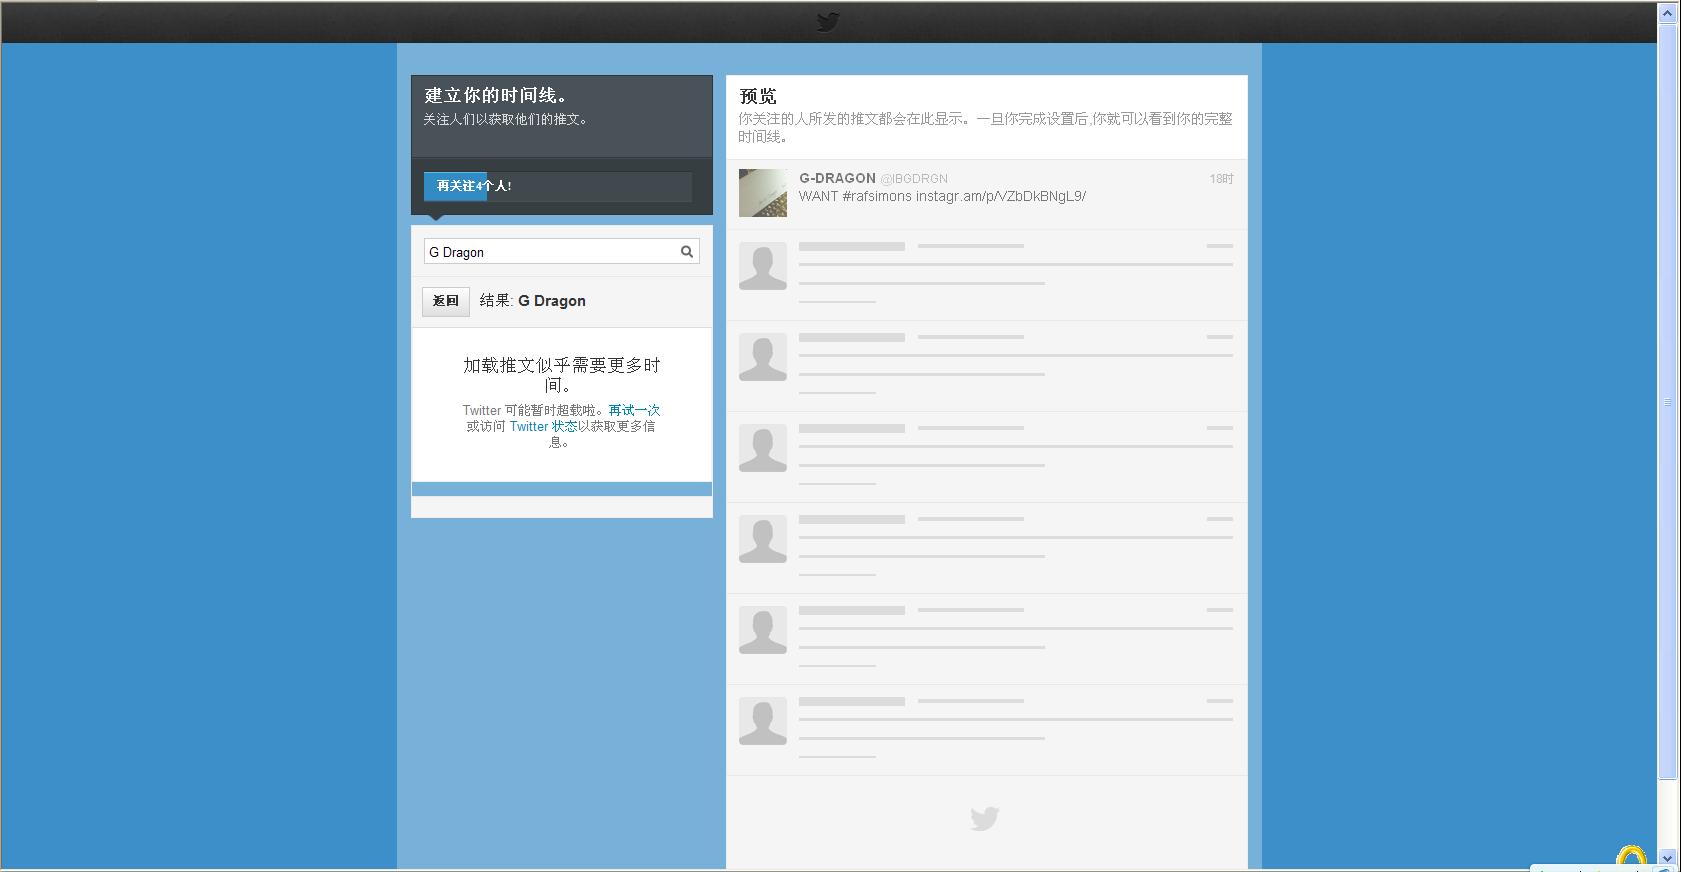 我注册了一个推特账号,请问推特页面进去是这样吗?